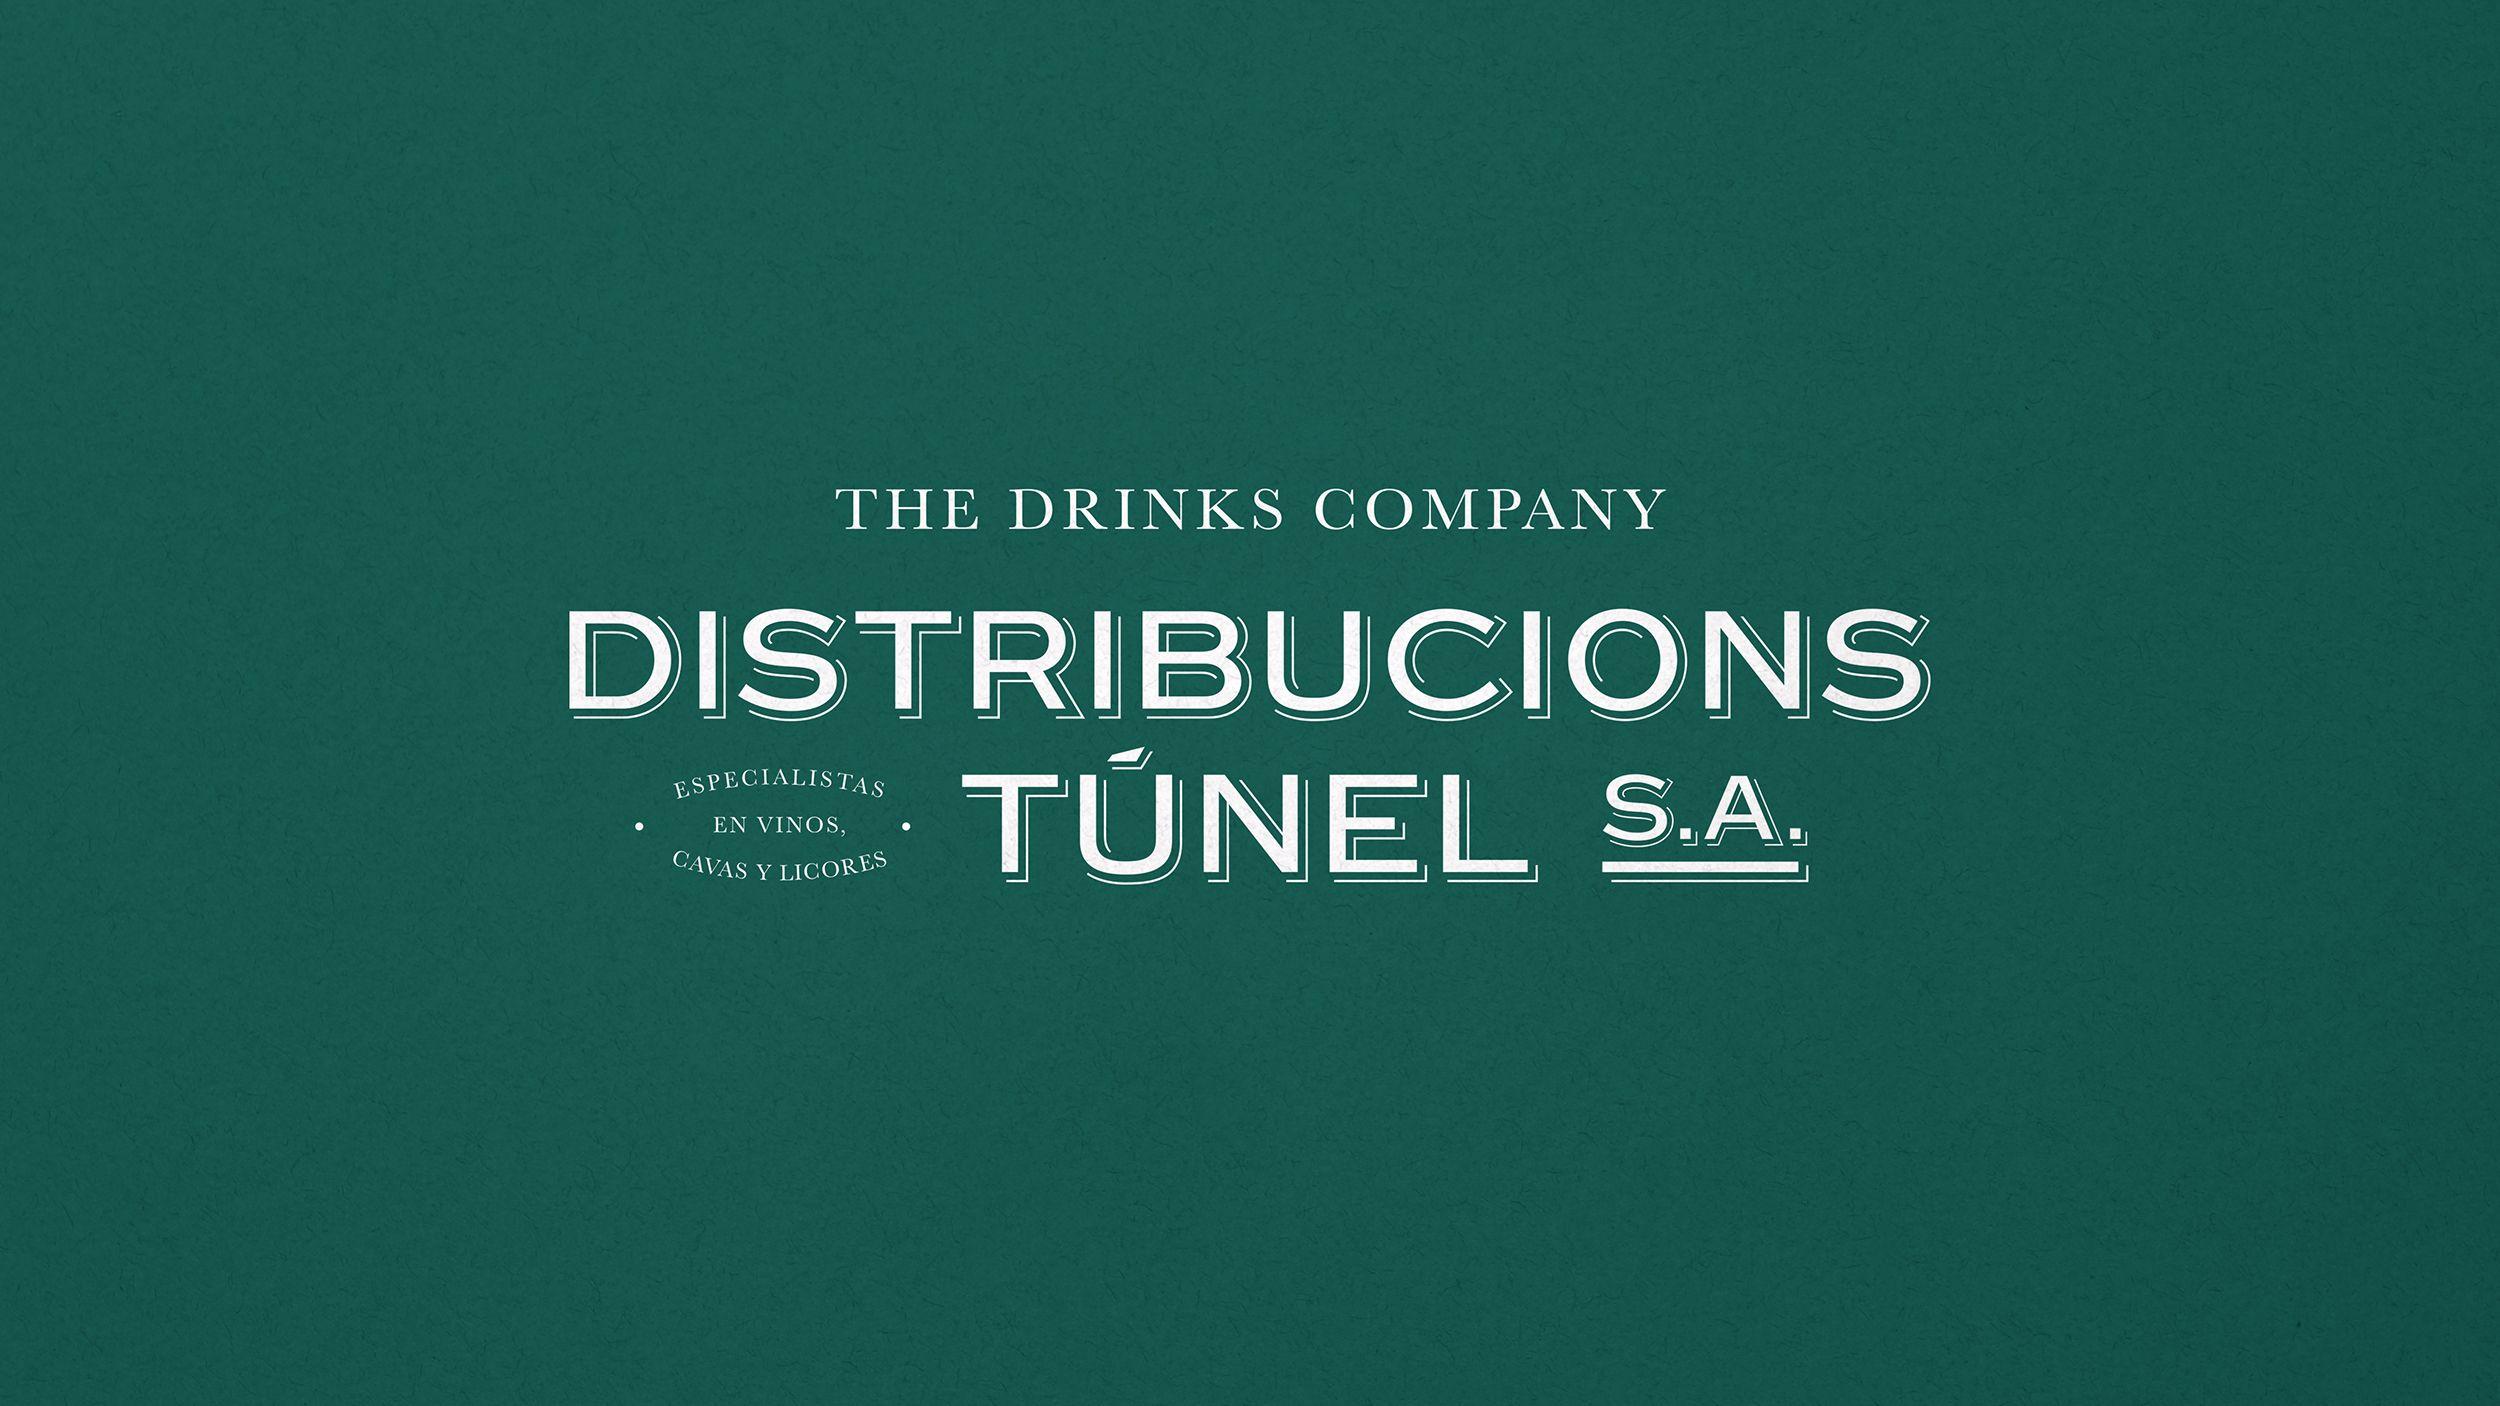 Distribucions Tunel